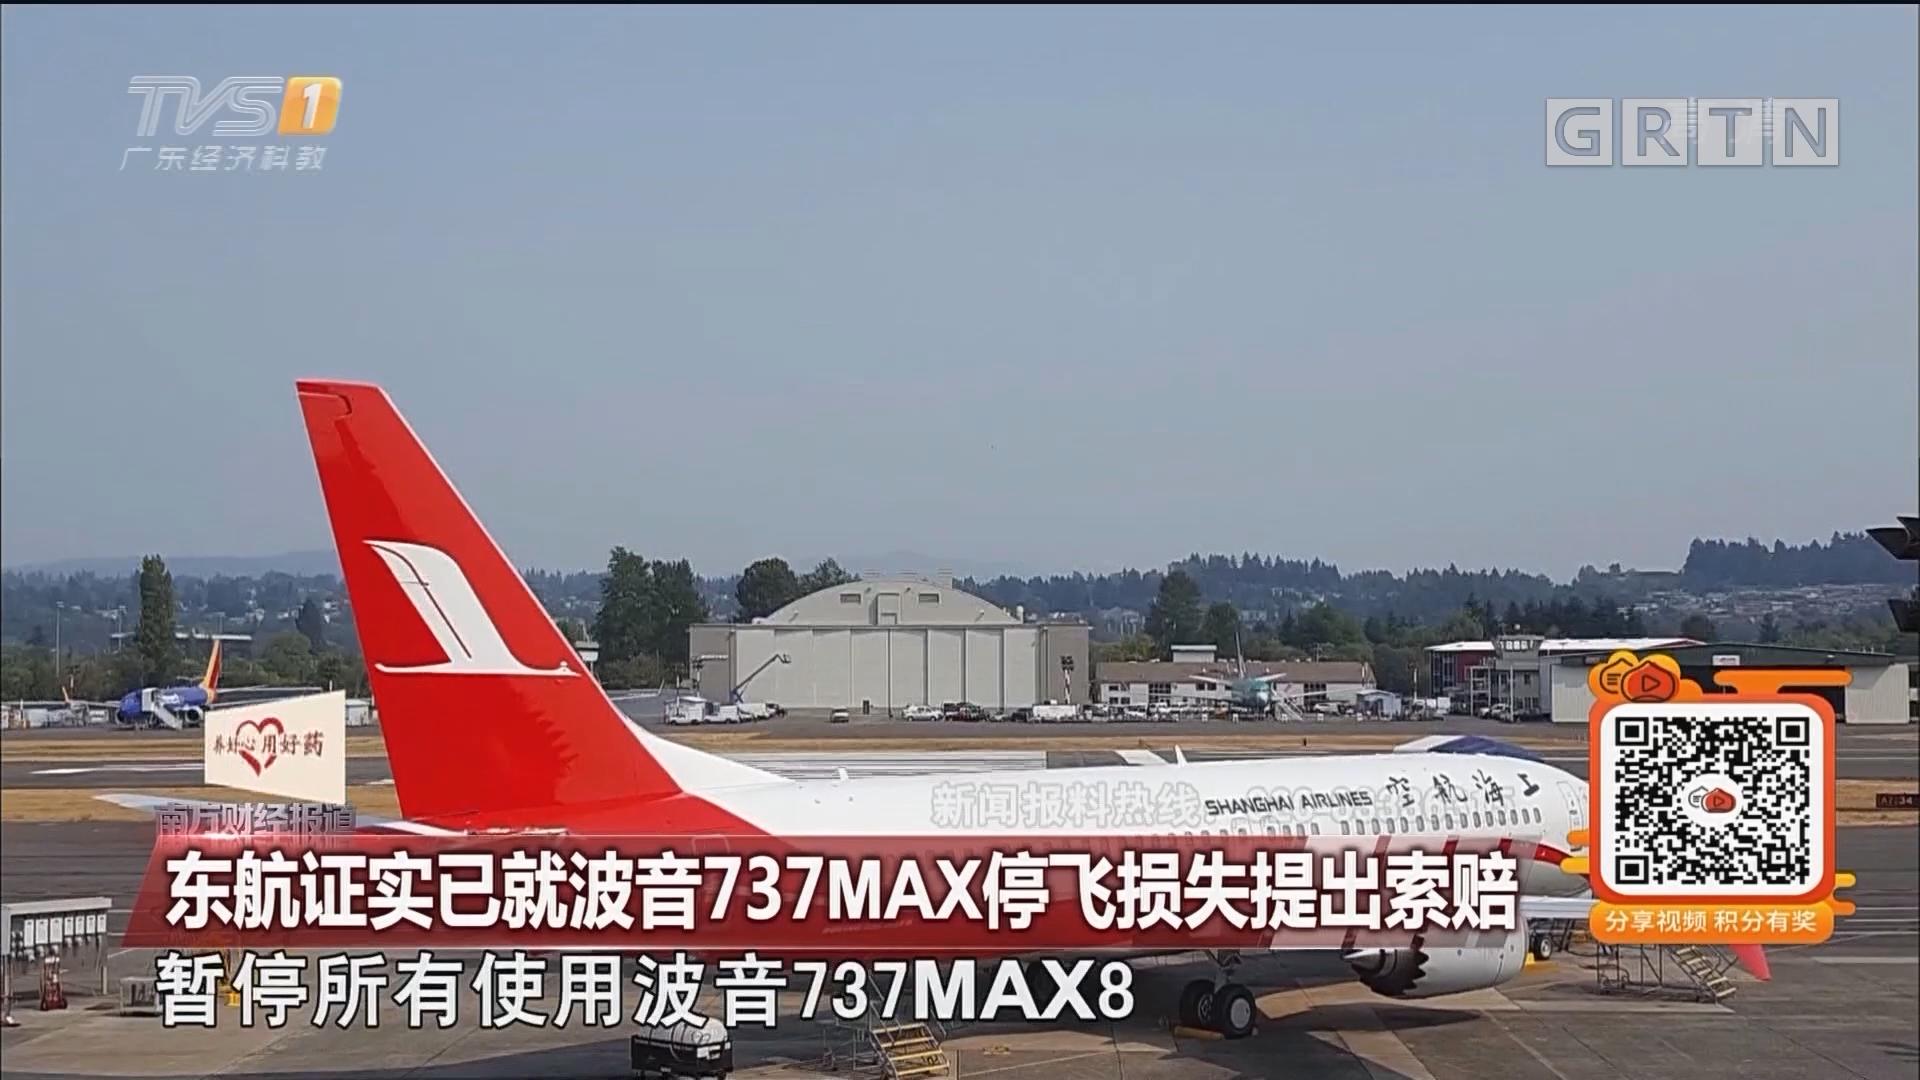 东航证实已就波音737MAX停飞损失提出索赔